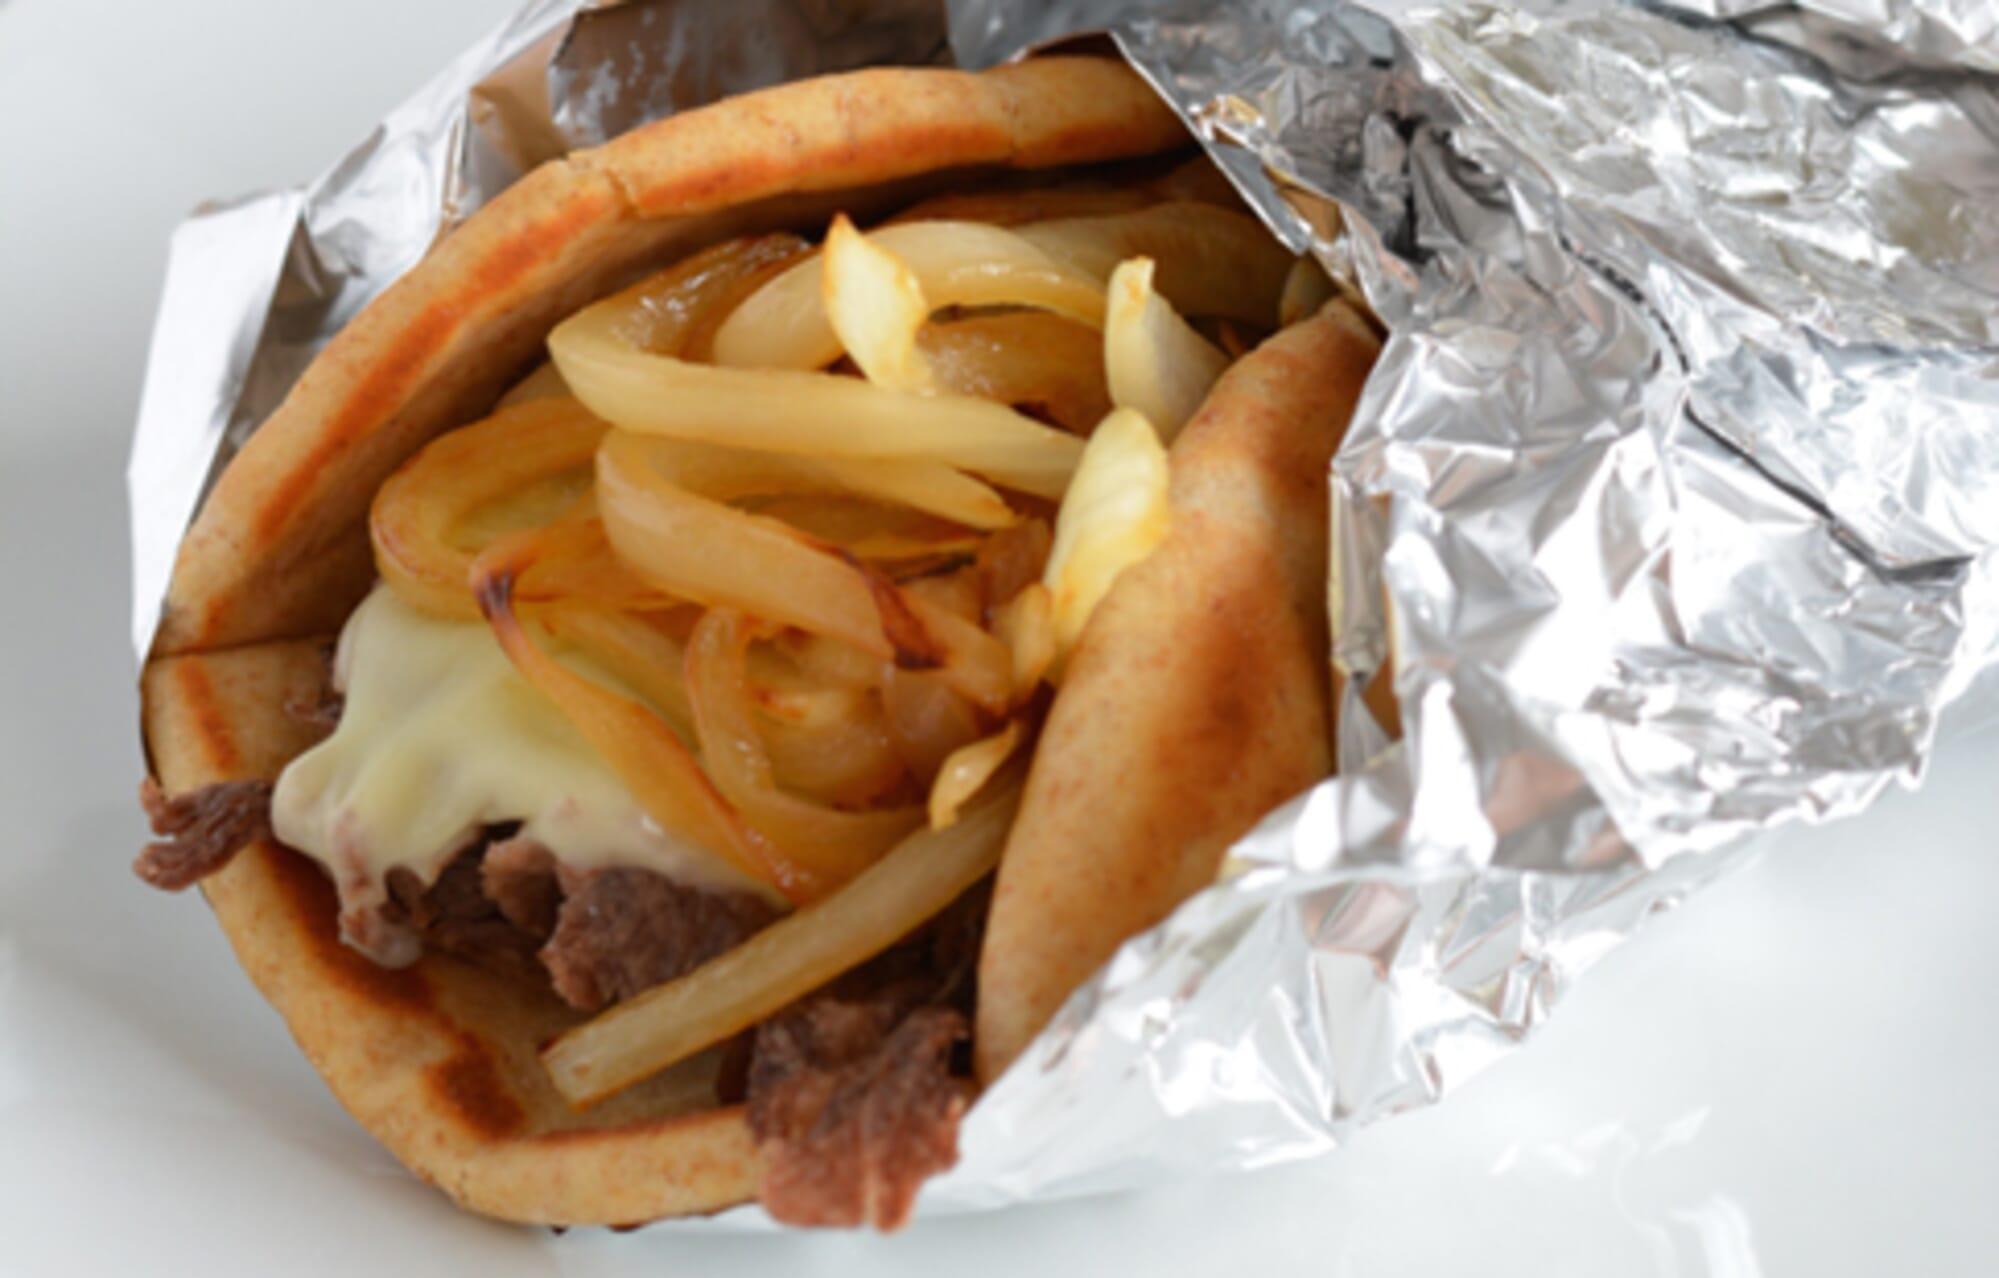 Philly Cheese Steak Pita Sandwich